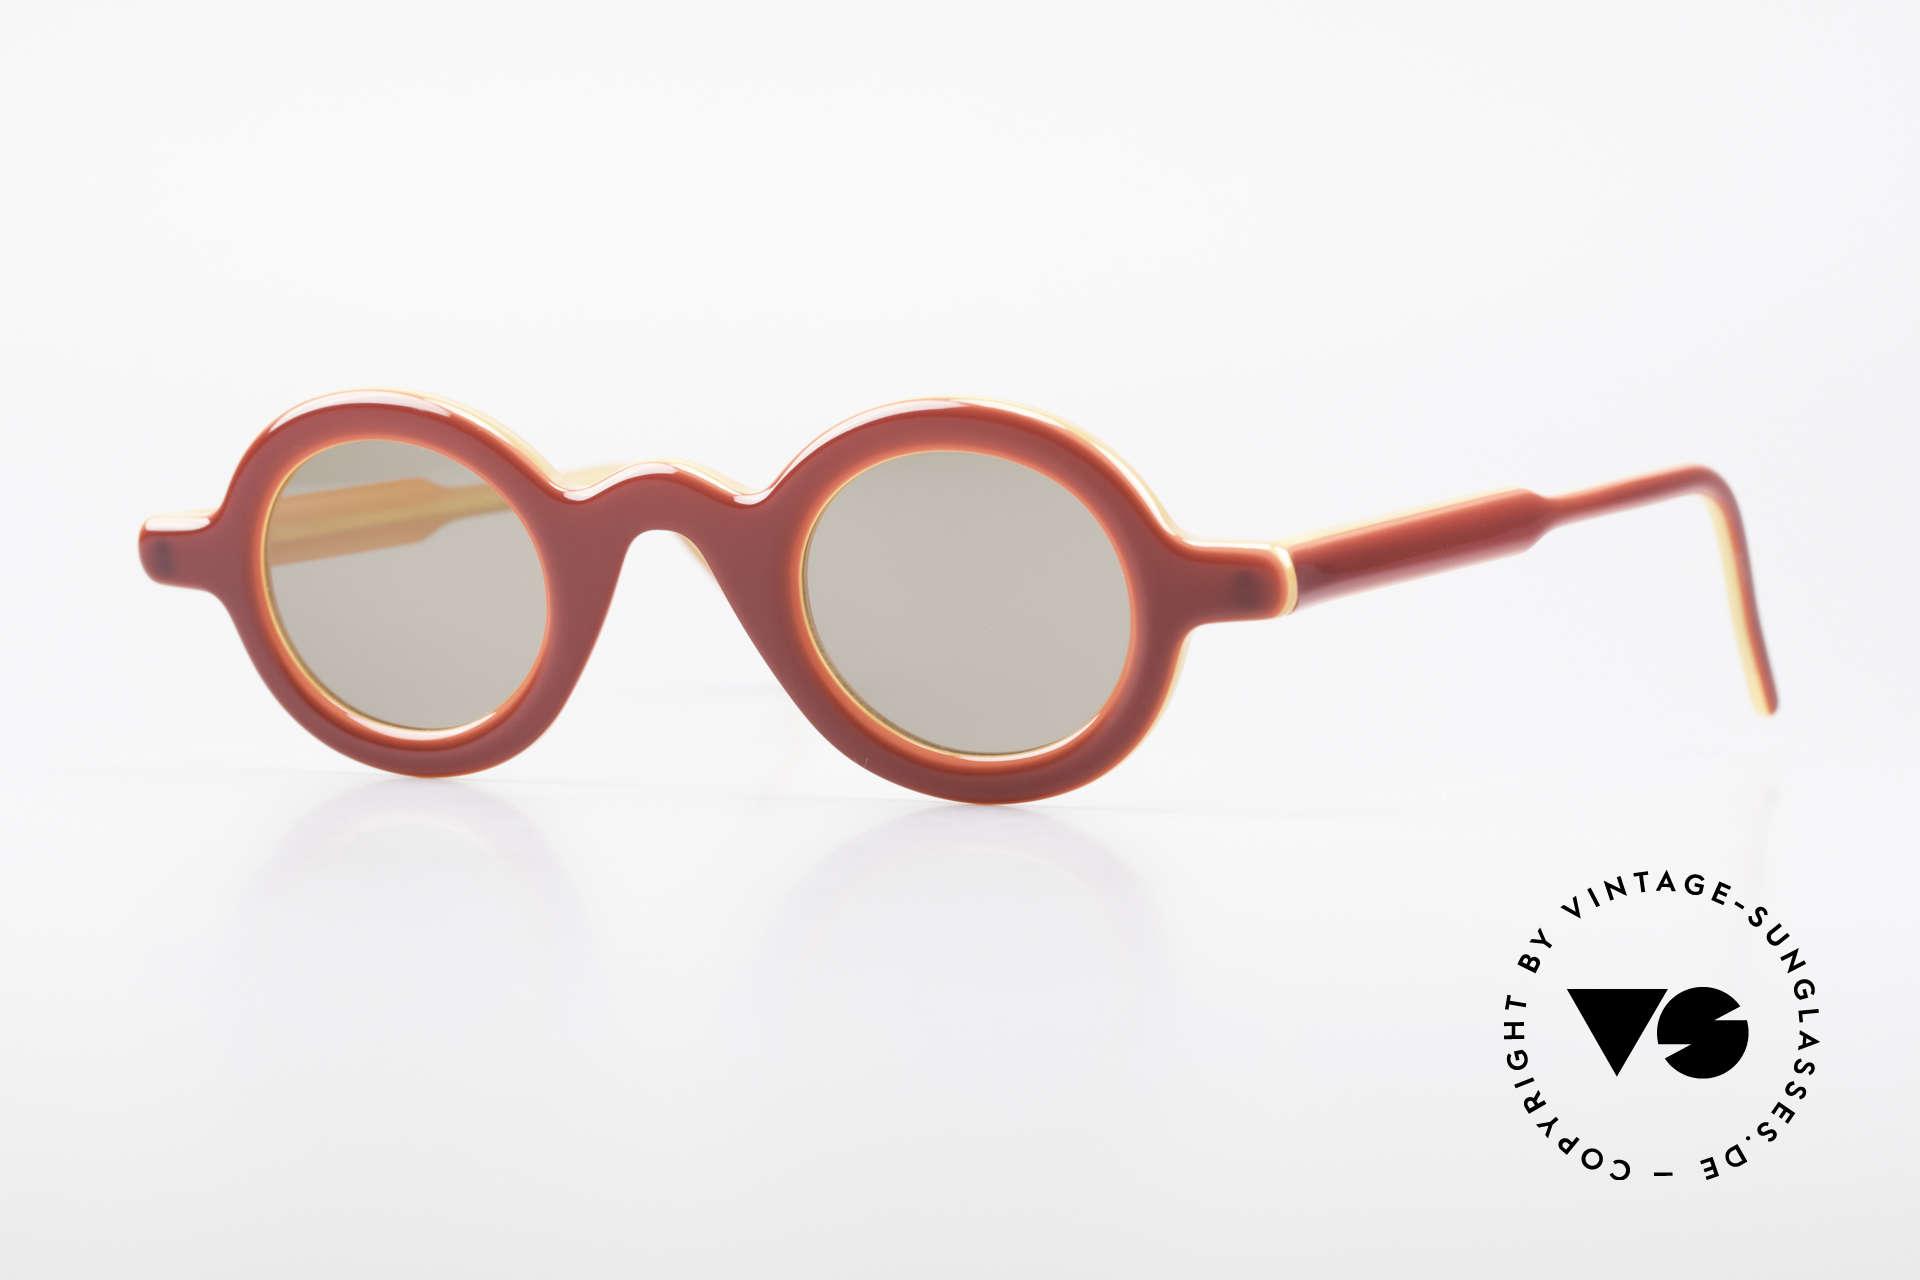 Theo Belgium Model 88 Satisfashion by Theo Belgium, vintage Brille der Theo SATISFASHION Serie von 2001, Passend für Herren und Damen